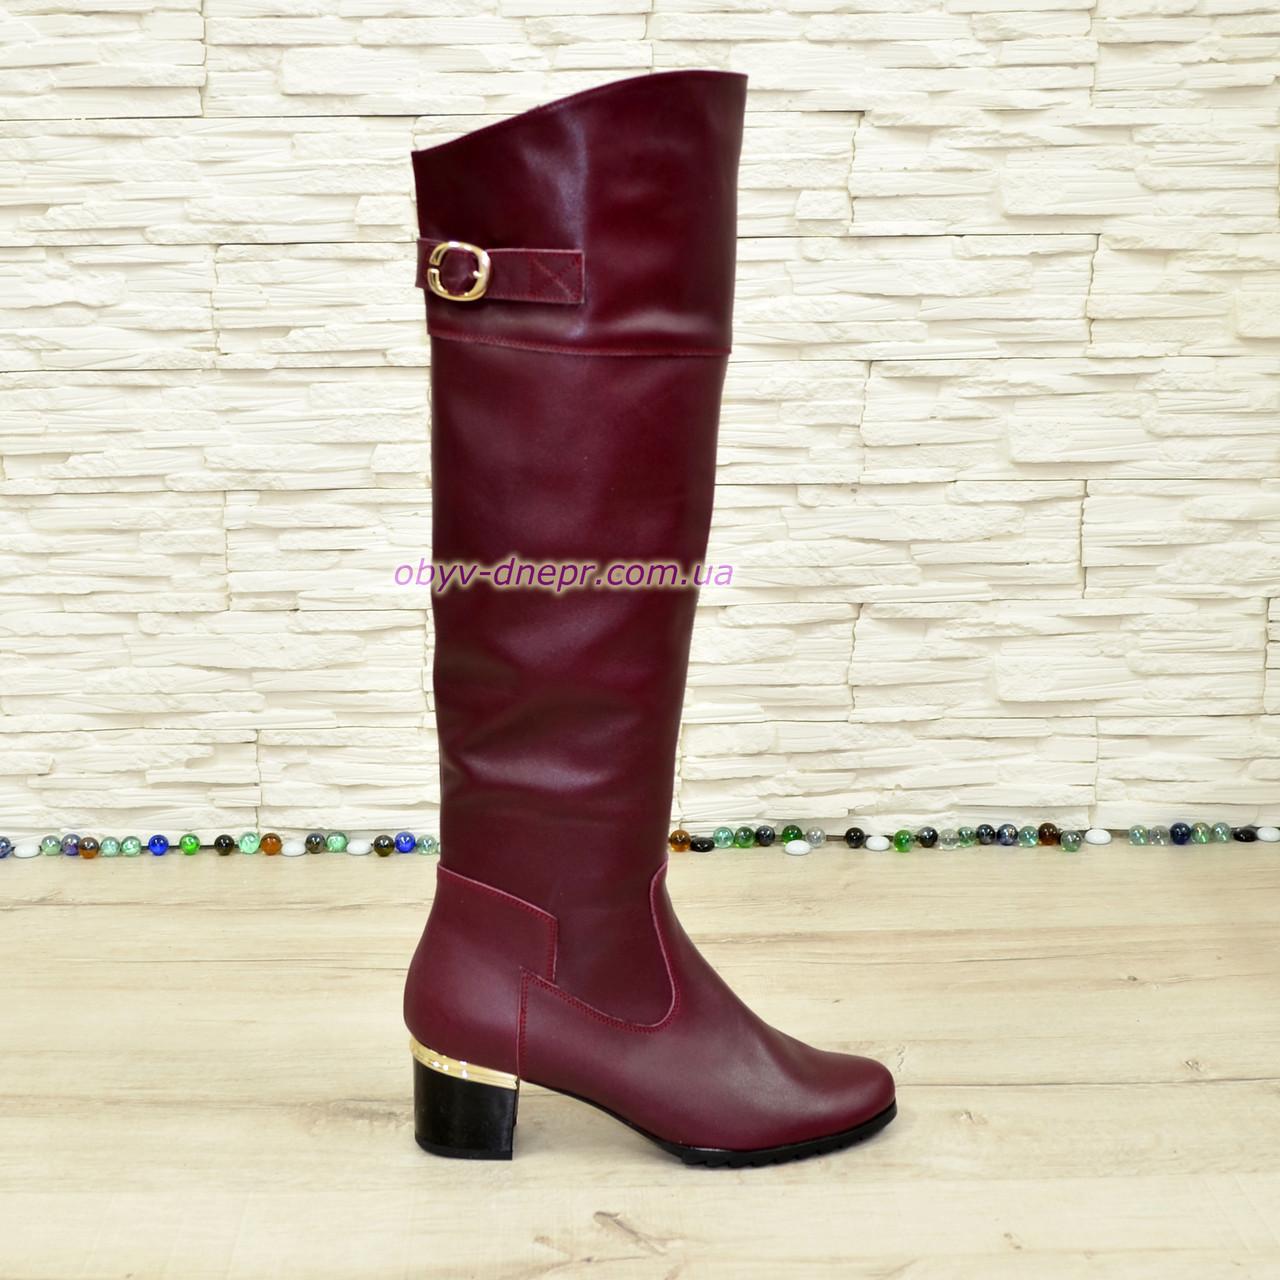 Ботфорты кожаные женские зимние на каблуке, бордового цвета